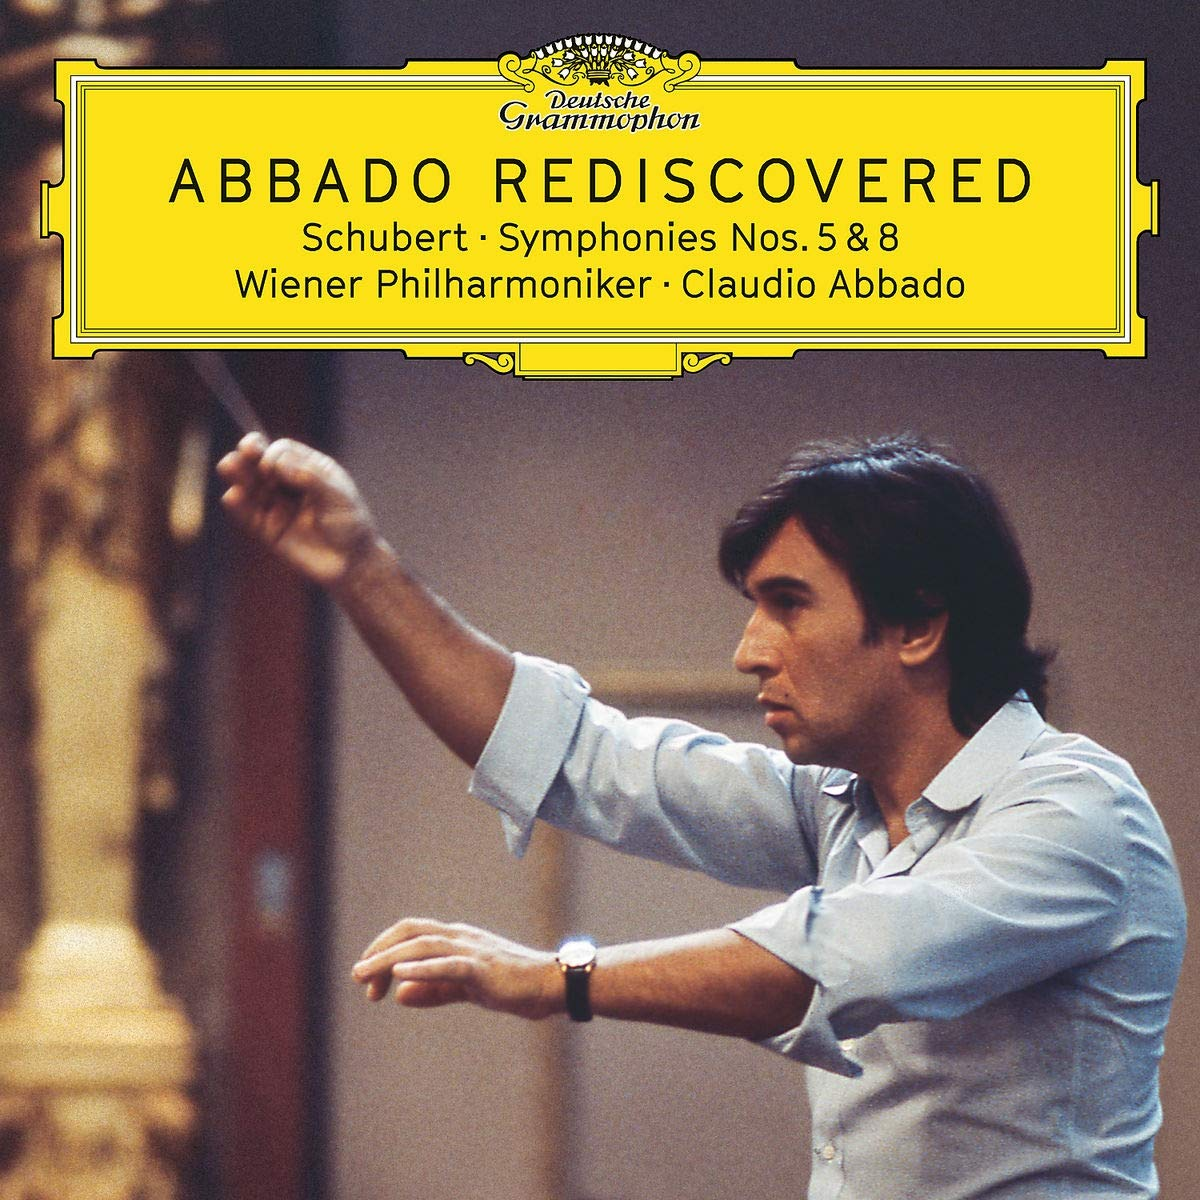 Claudio Abbado - Page 7 71zefJcJHaL._SL1200_